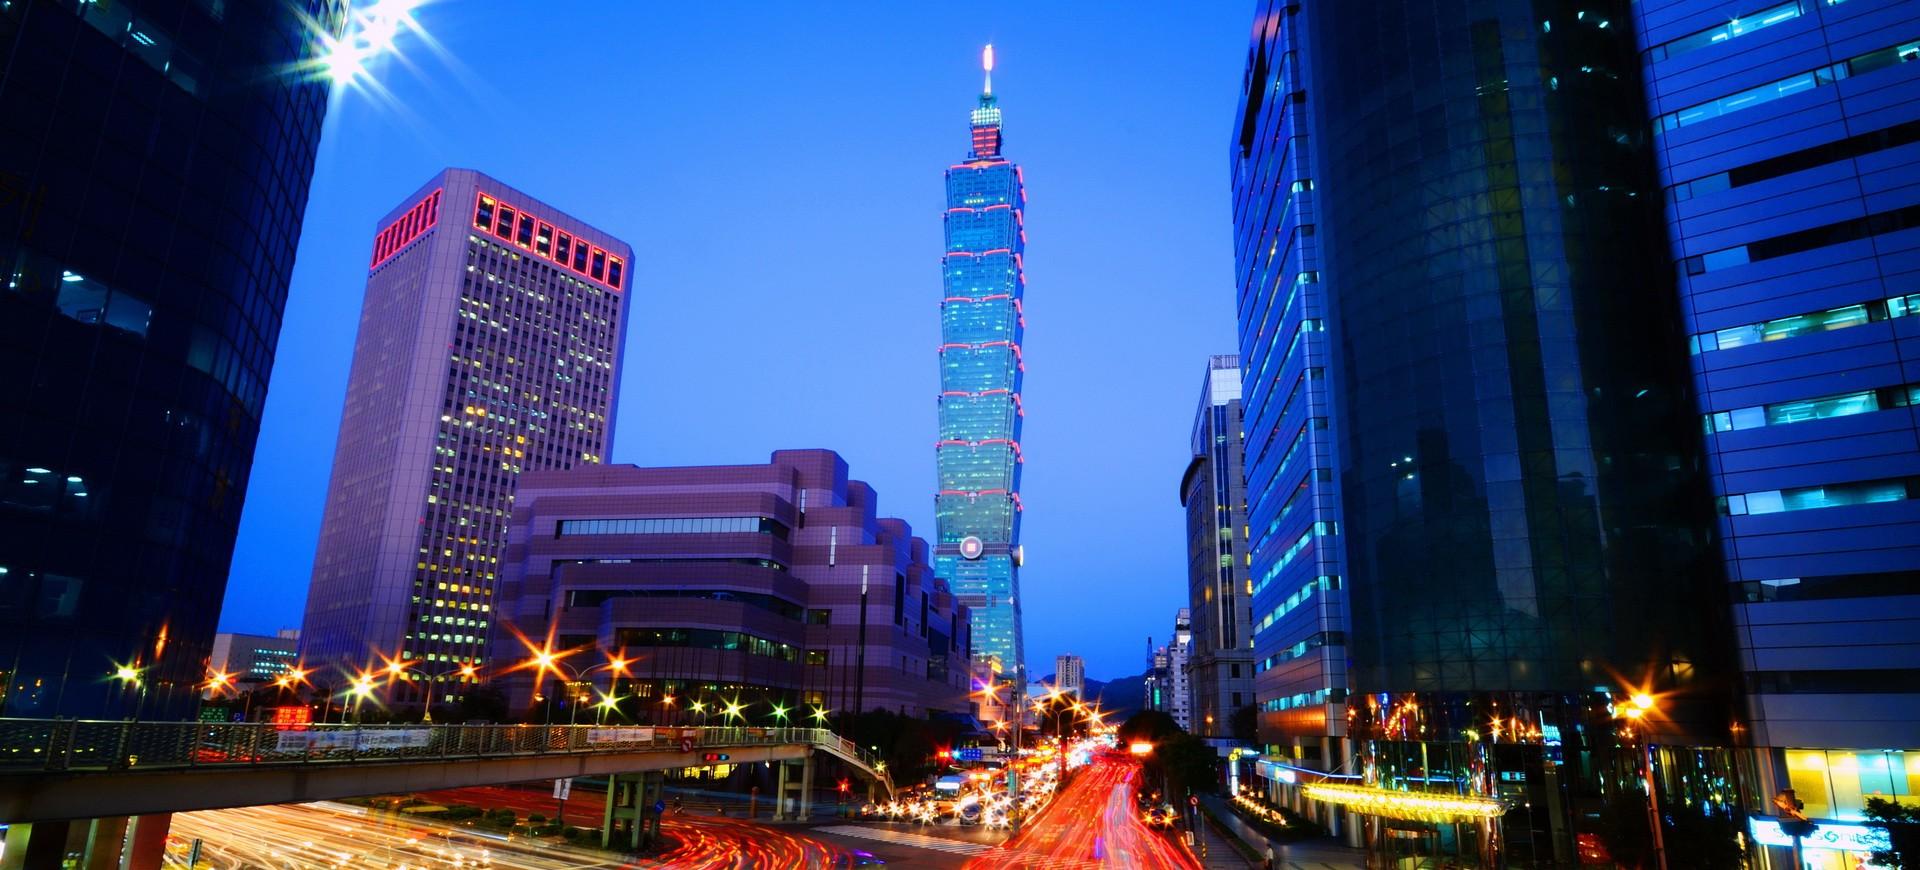 Taiwan Taipei Tour 101